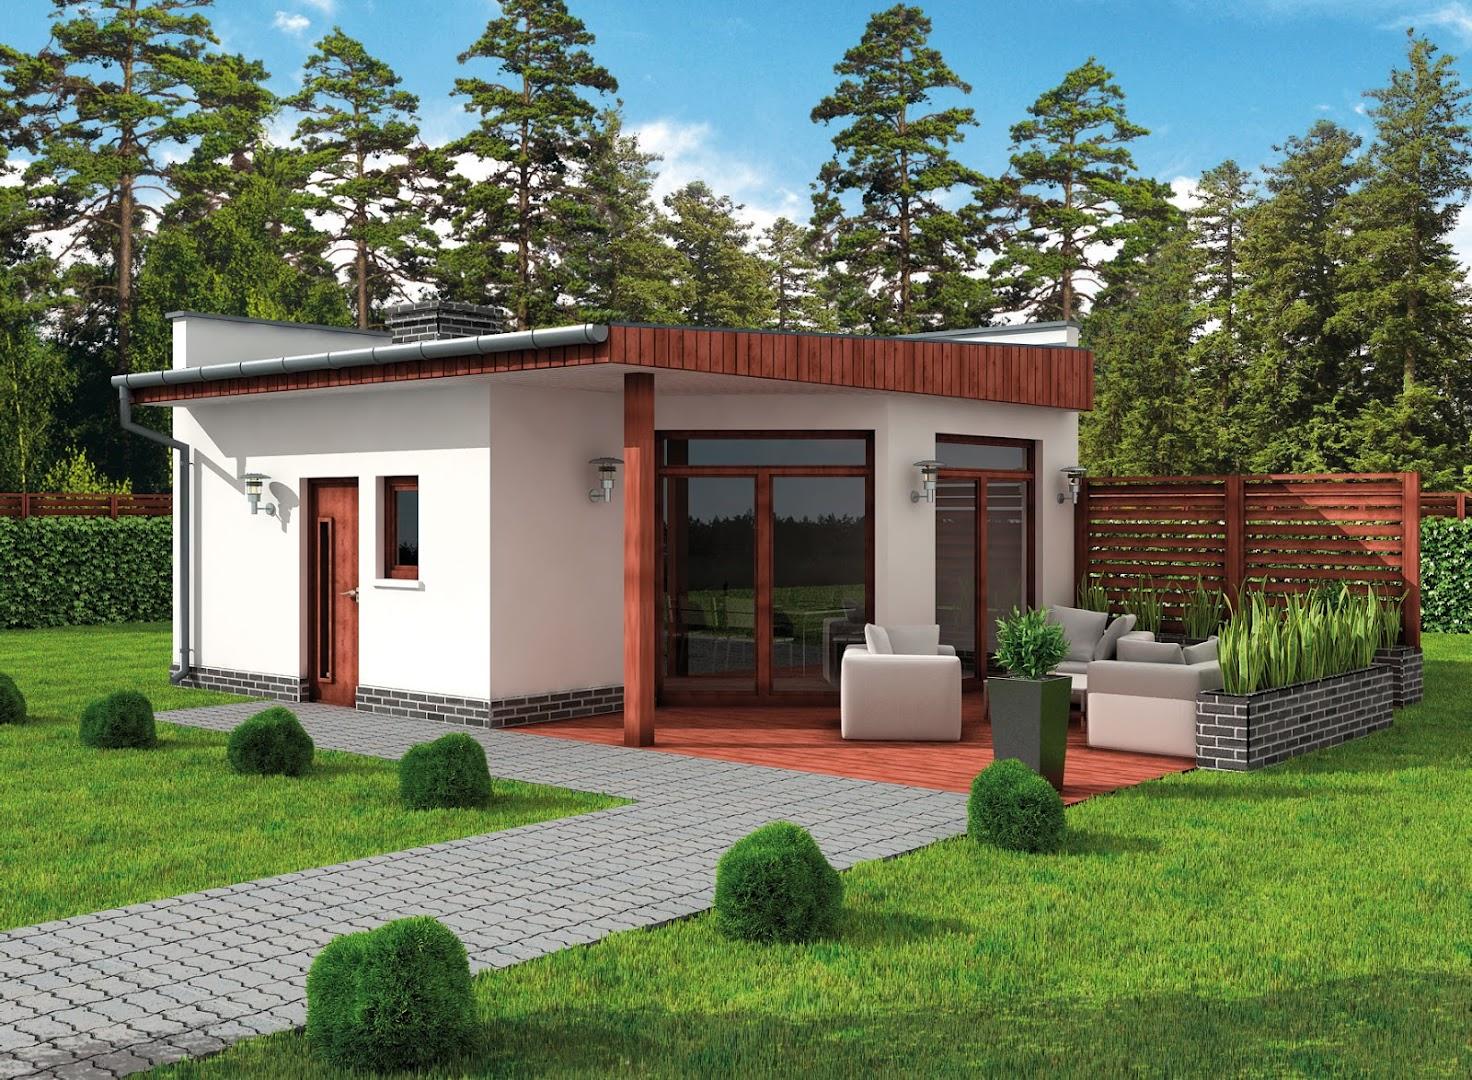 Projekt KL9 Kuchnia letnia  Bud gospodarczy (TDT 464   -> Kuchnia Letnia Co To